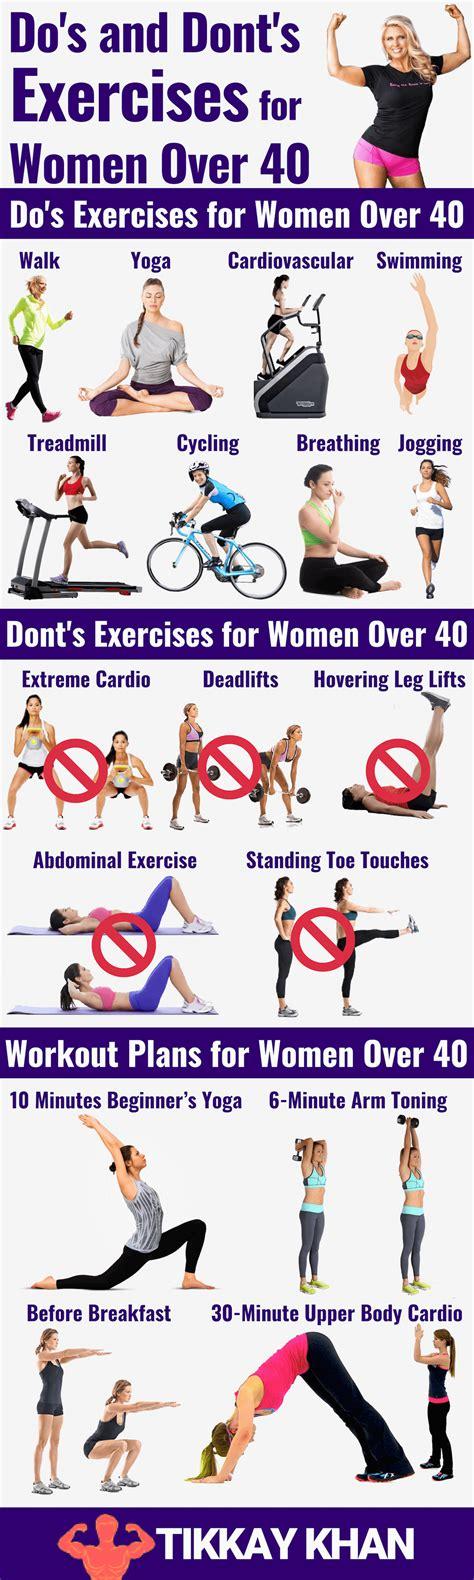 Exercises for Women Over 40 Updated  2020    Tikkay Khan